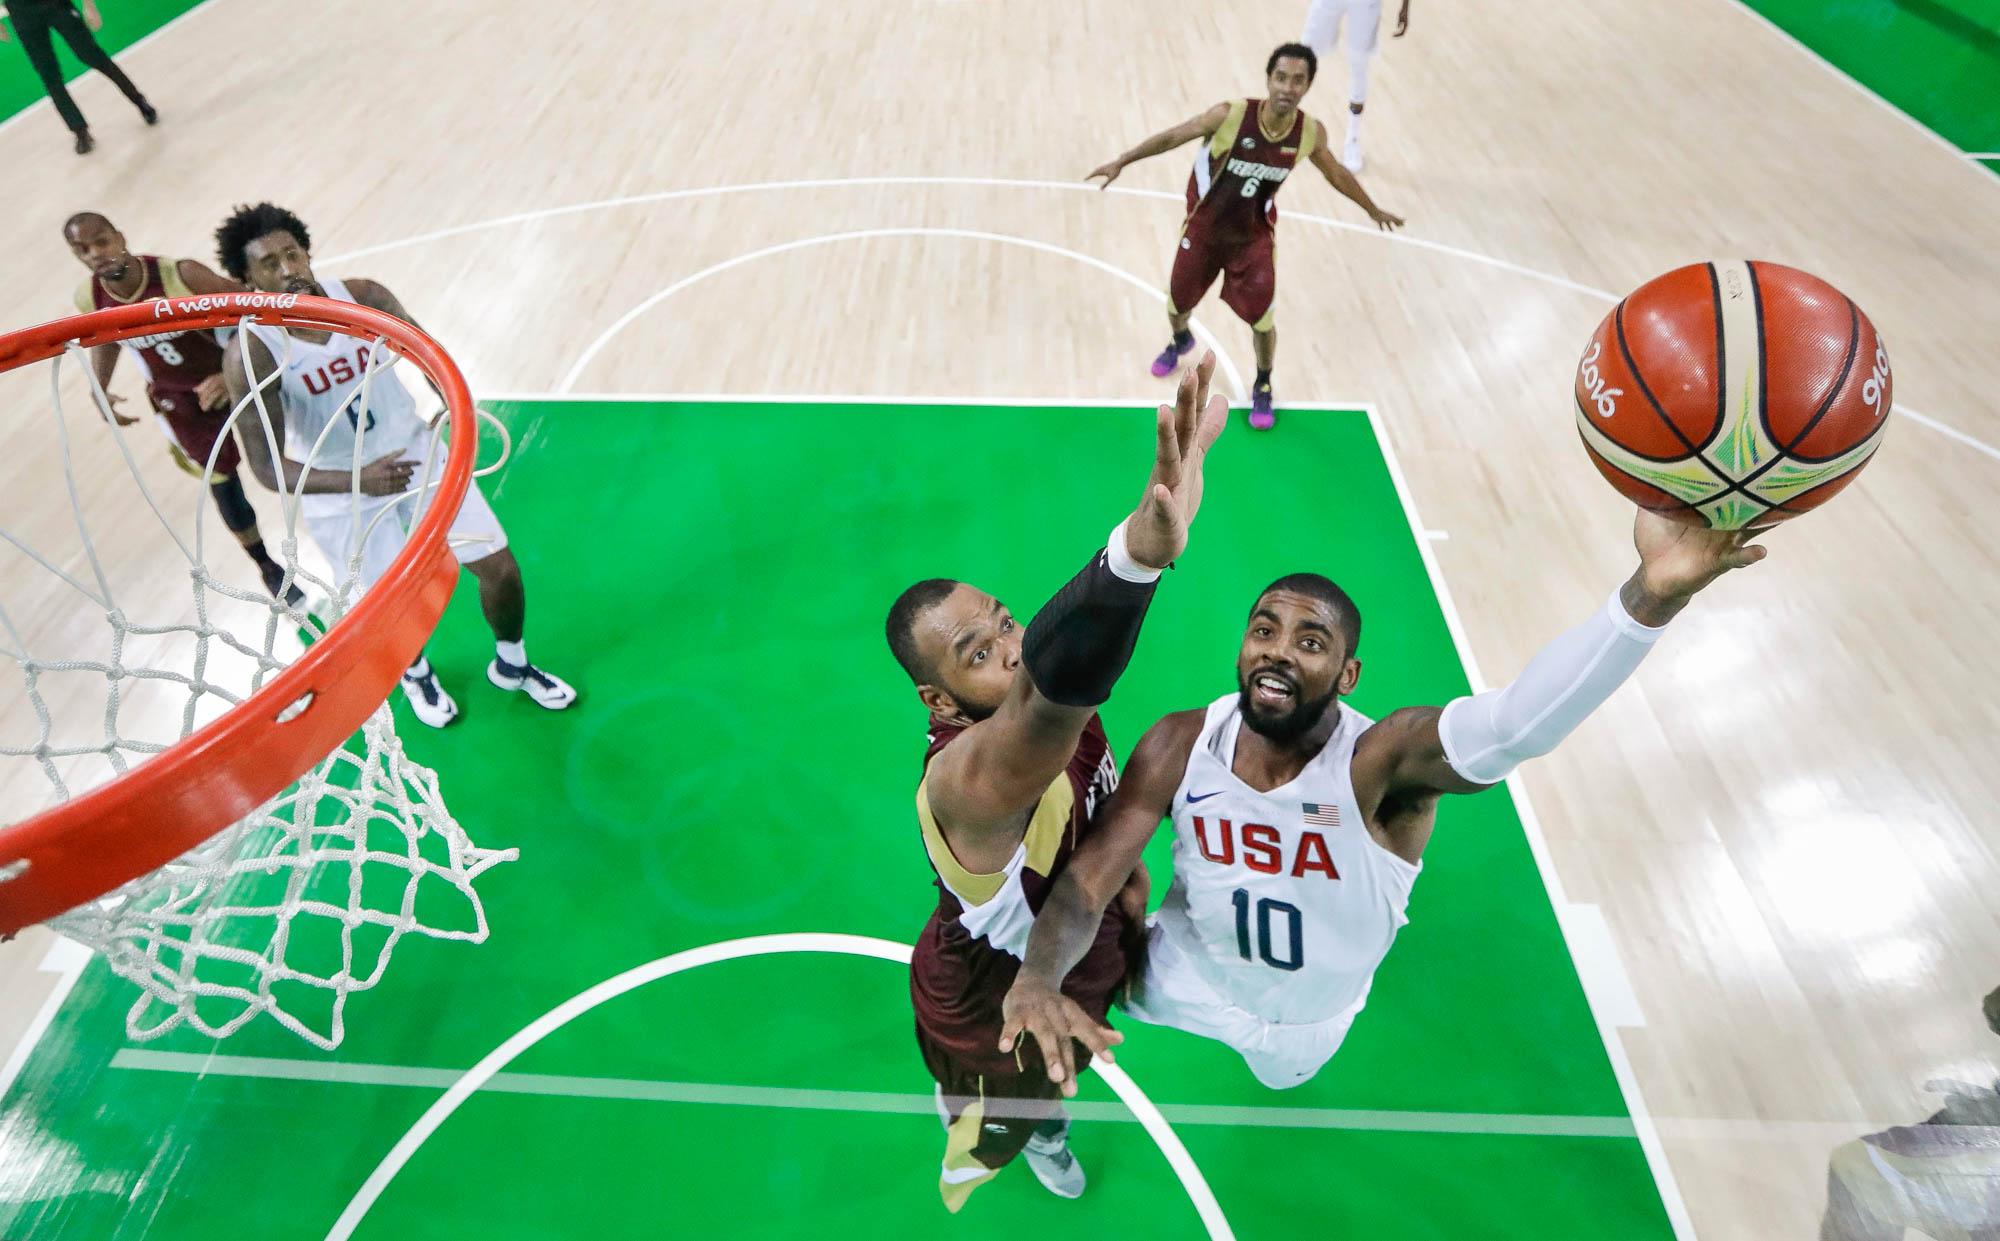 Men playing basketball (© AP Images)